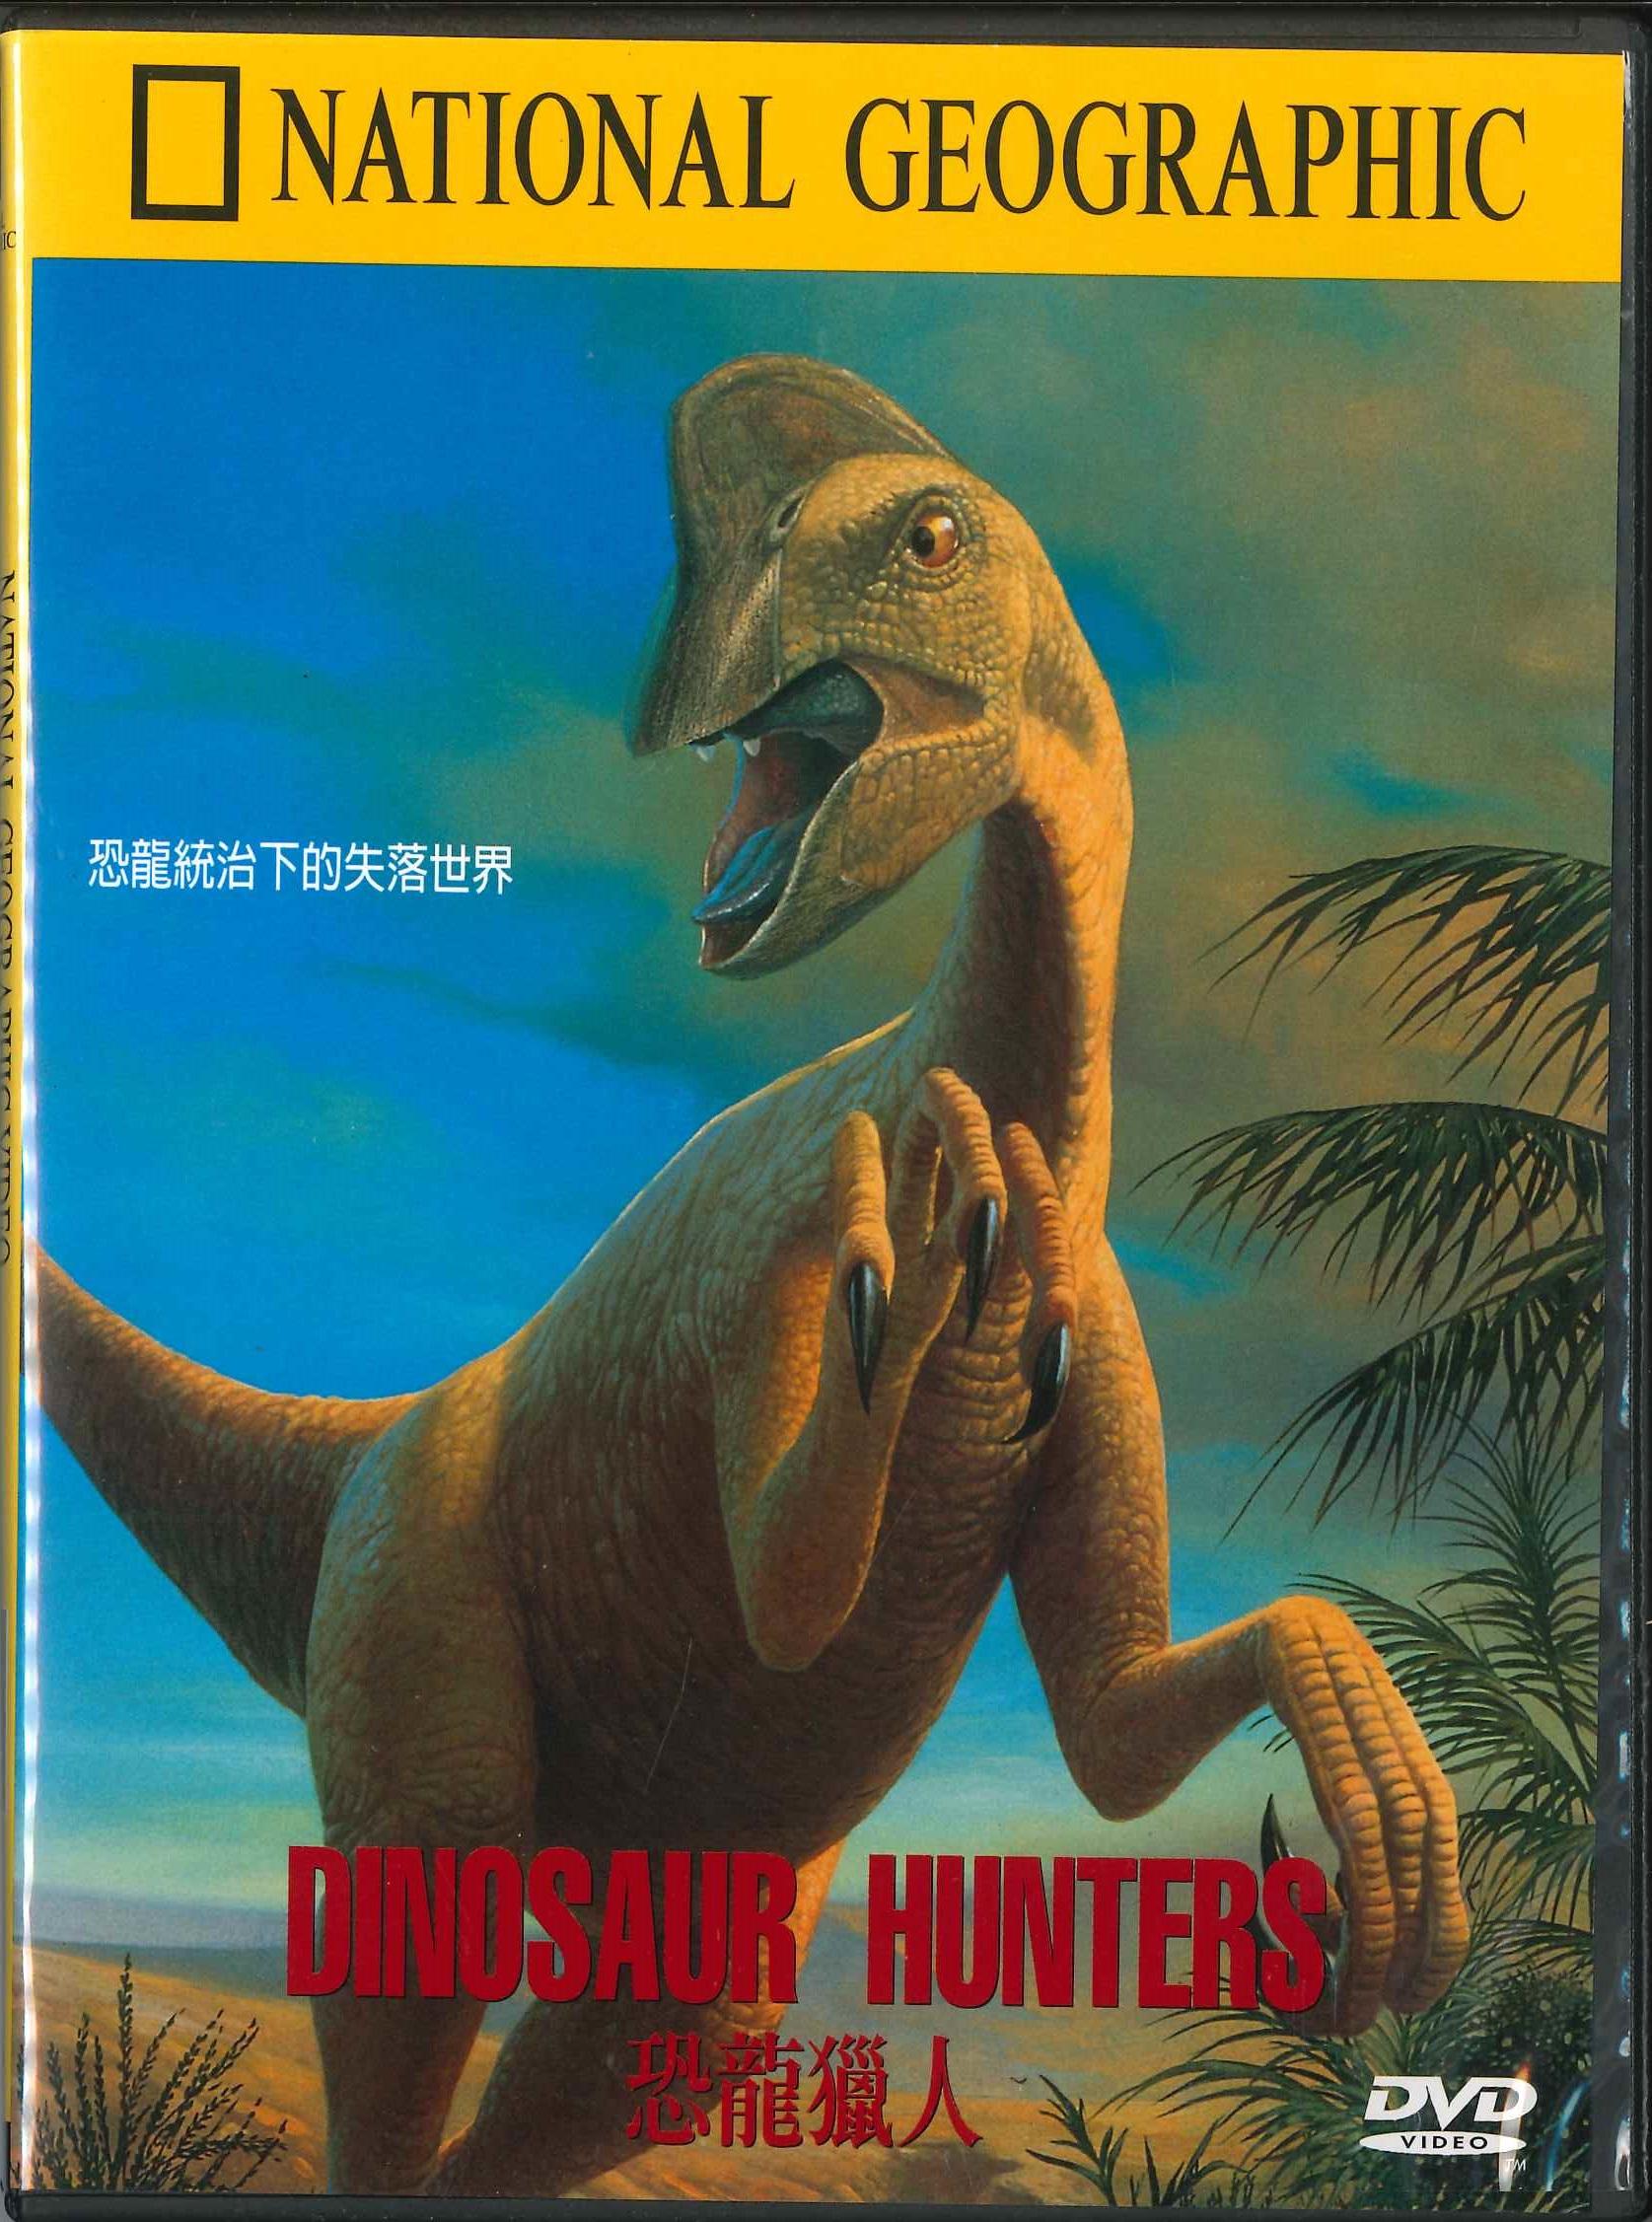 恐龍獵人 [錄影資料]=Dinosaur hunters